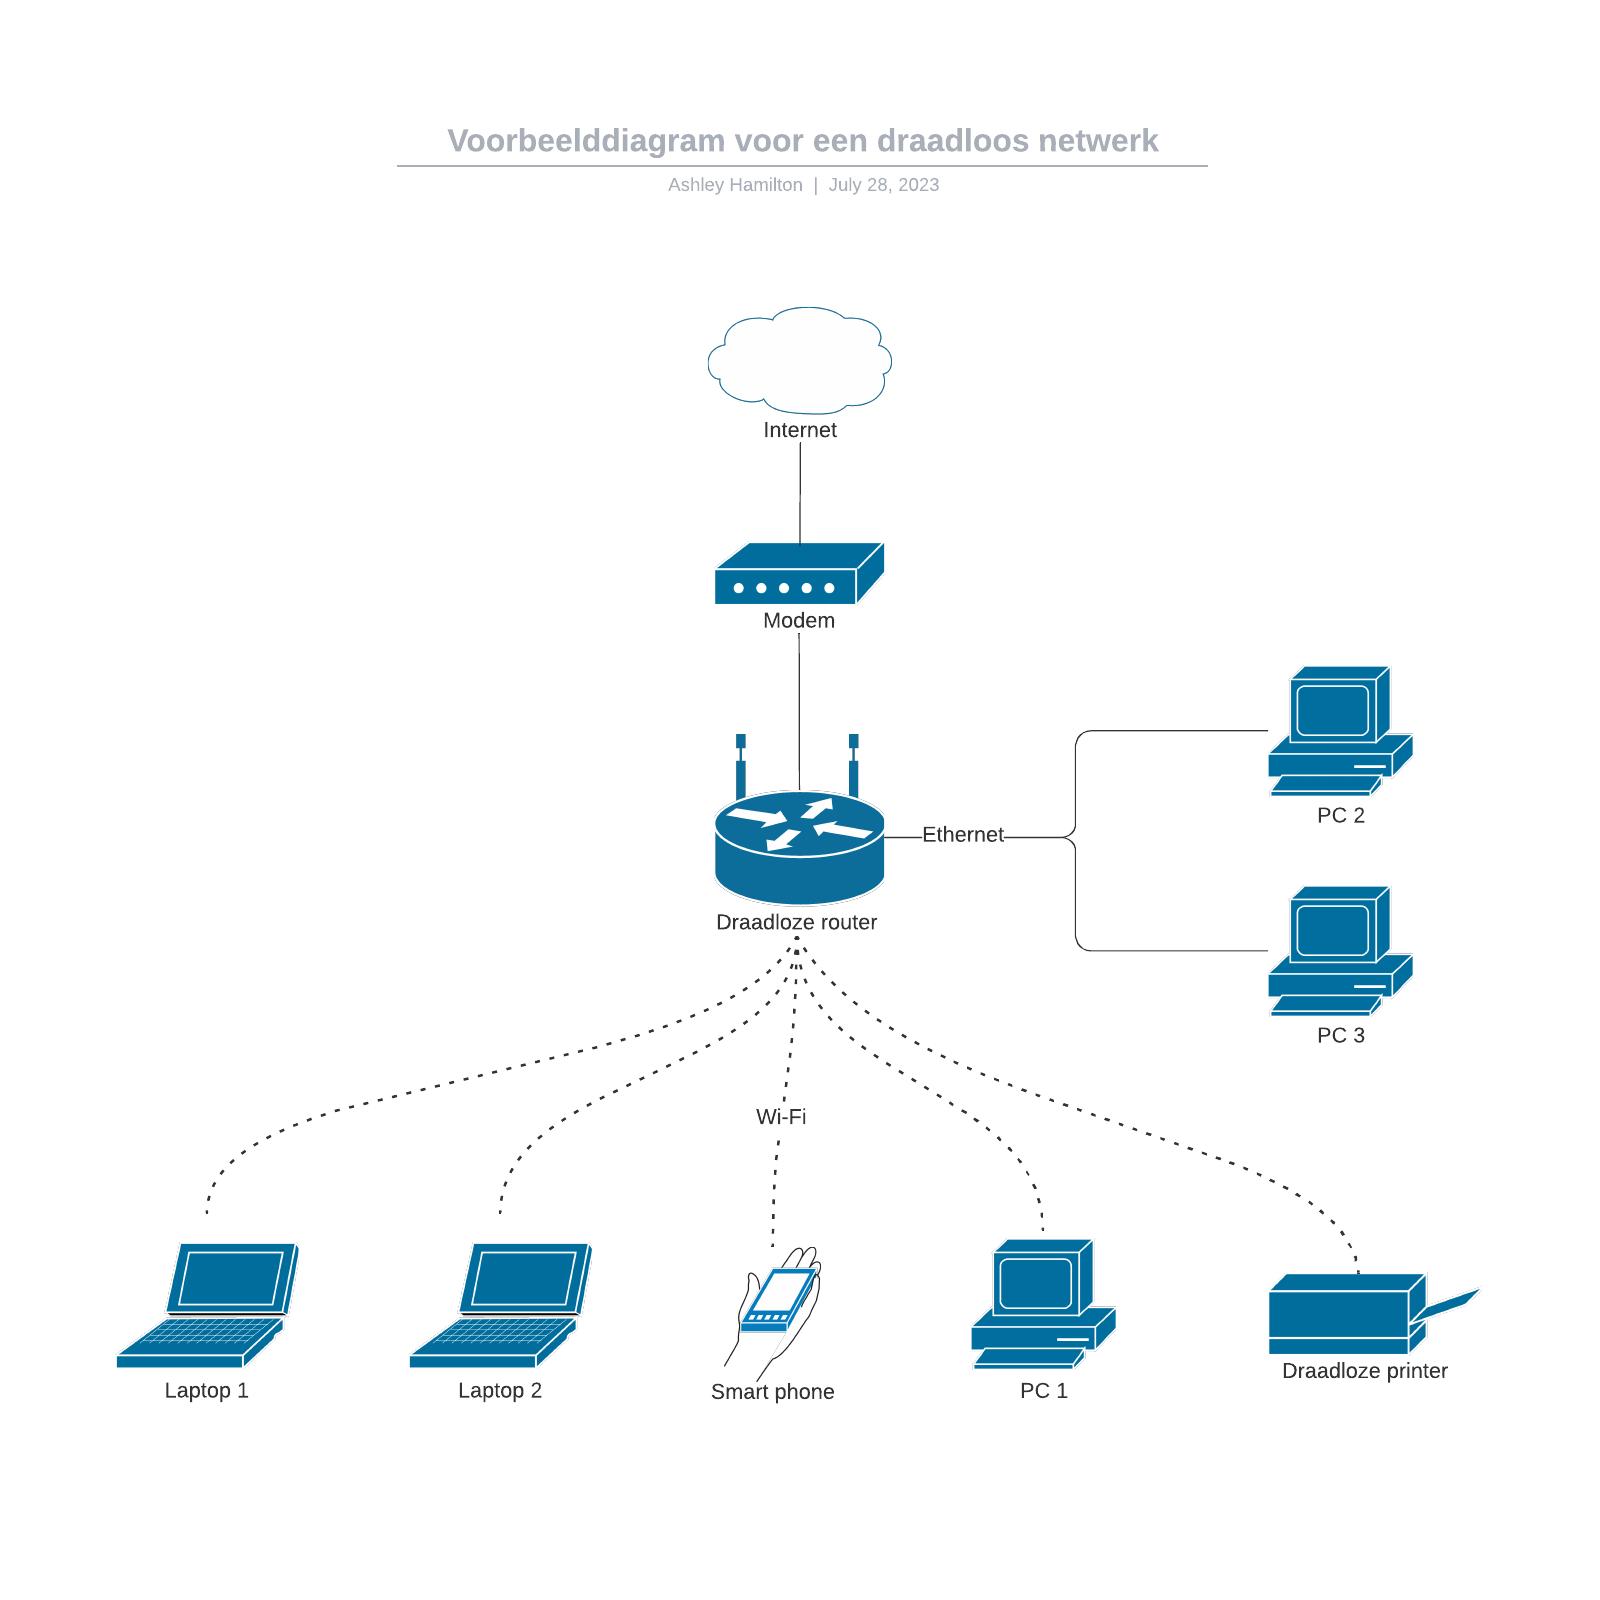 Voorbeelddiagram voor een draadloos netwerk